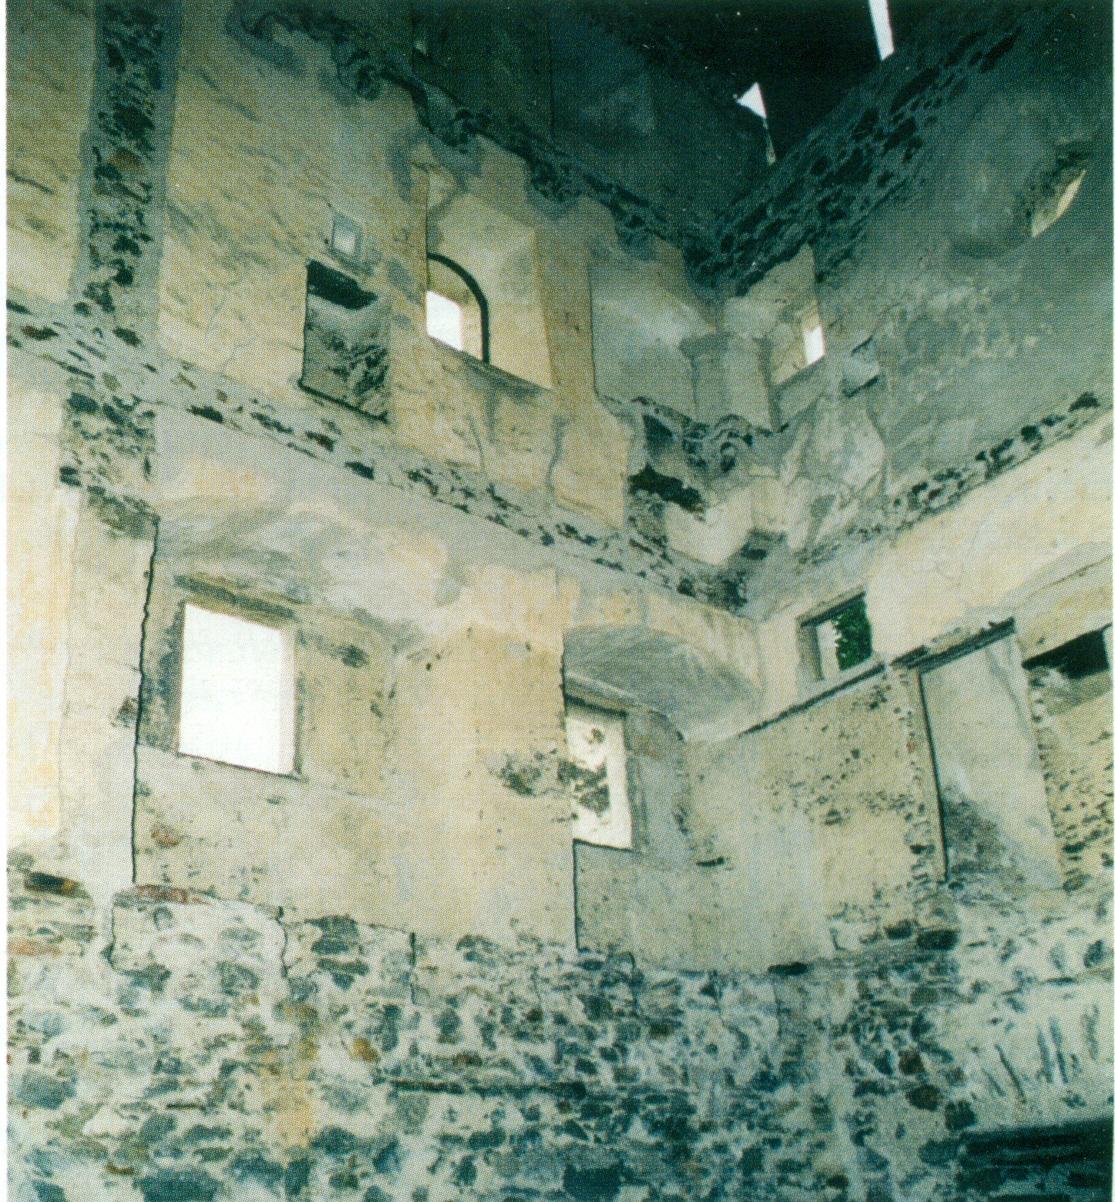 Innenansicht der Ruine Obermontani mit den noch erkennbaren herrschaftlichen Räumen im 2. Obergeschoß, wo man den Aufbewahrungsort und Fundort der Handschrift vermuten darf. Die Burg war vom 17. bis zum frühen 19. Jahrhundert im Besitz der Grafen Mohr.